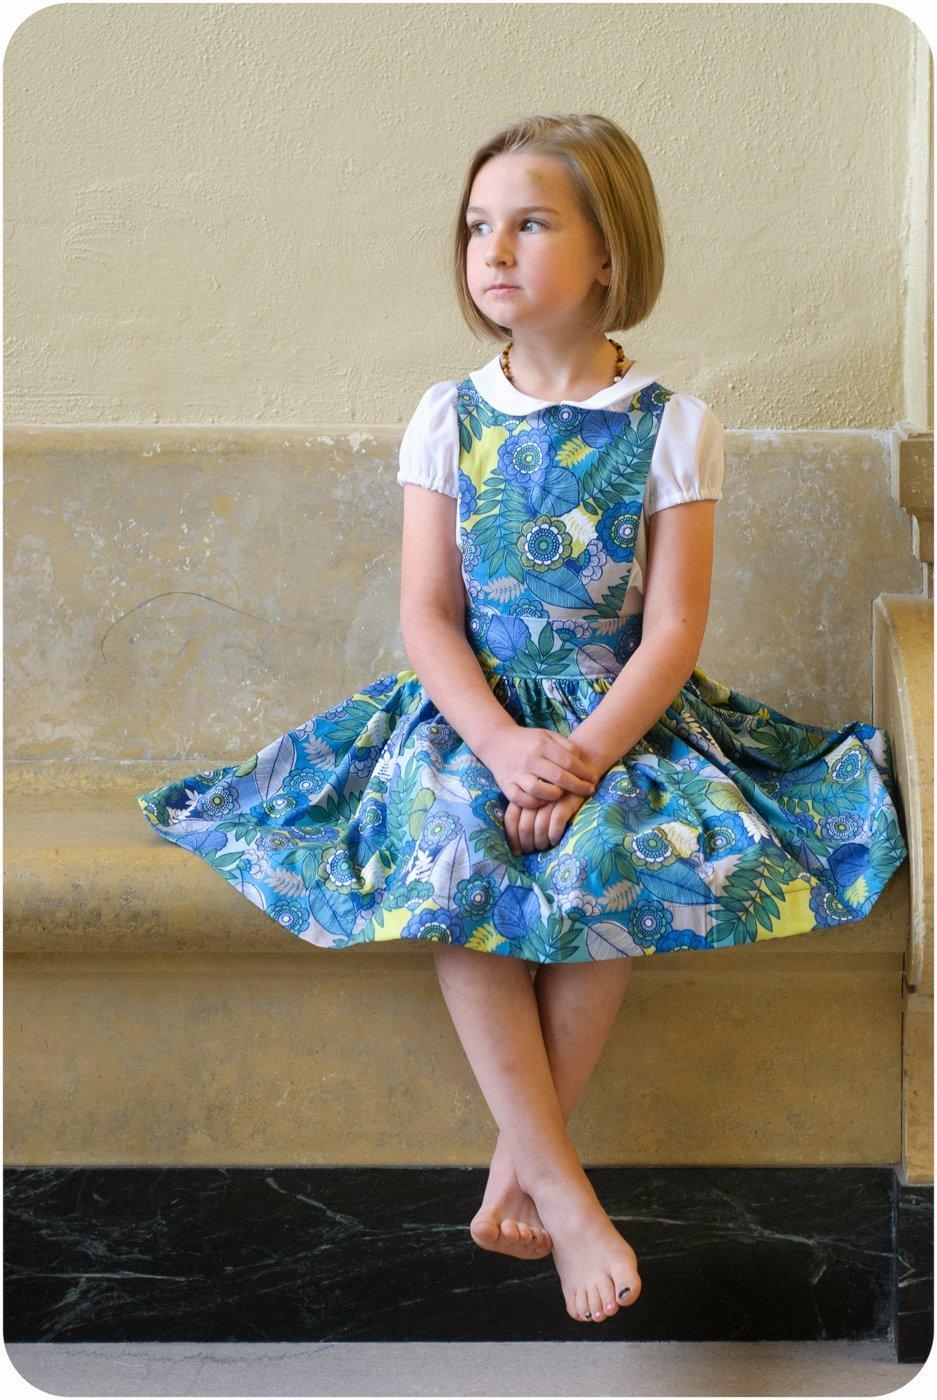 Kinderschurze Dress Sewing Pattern